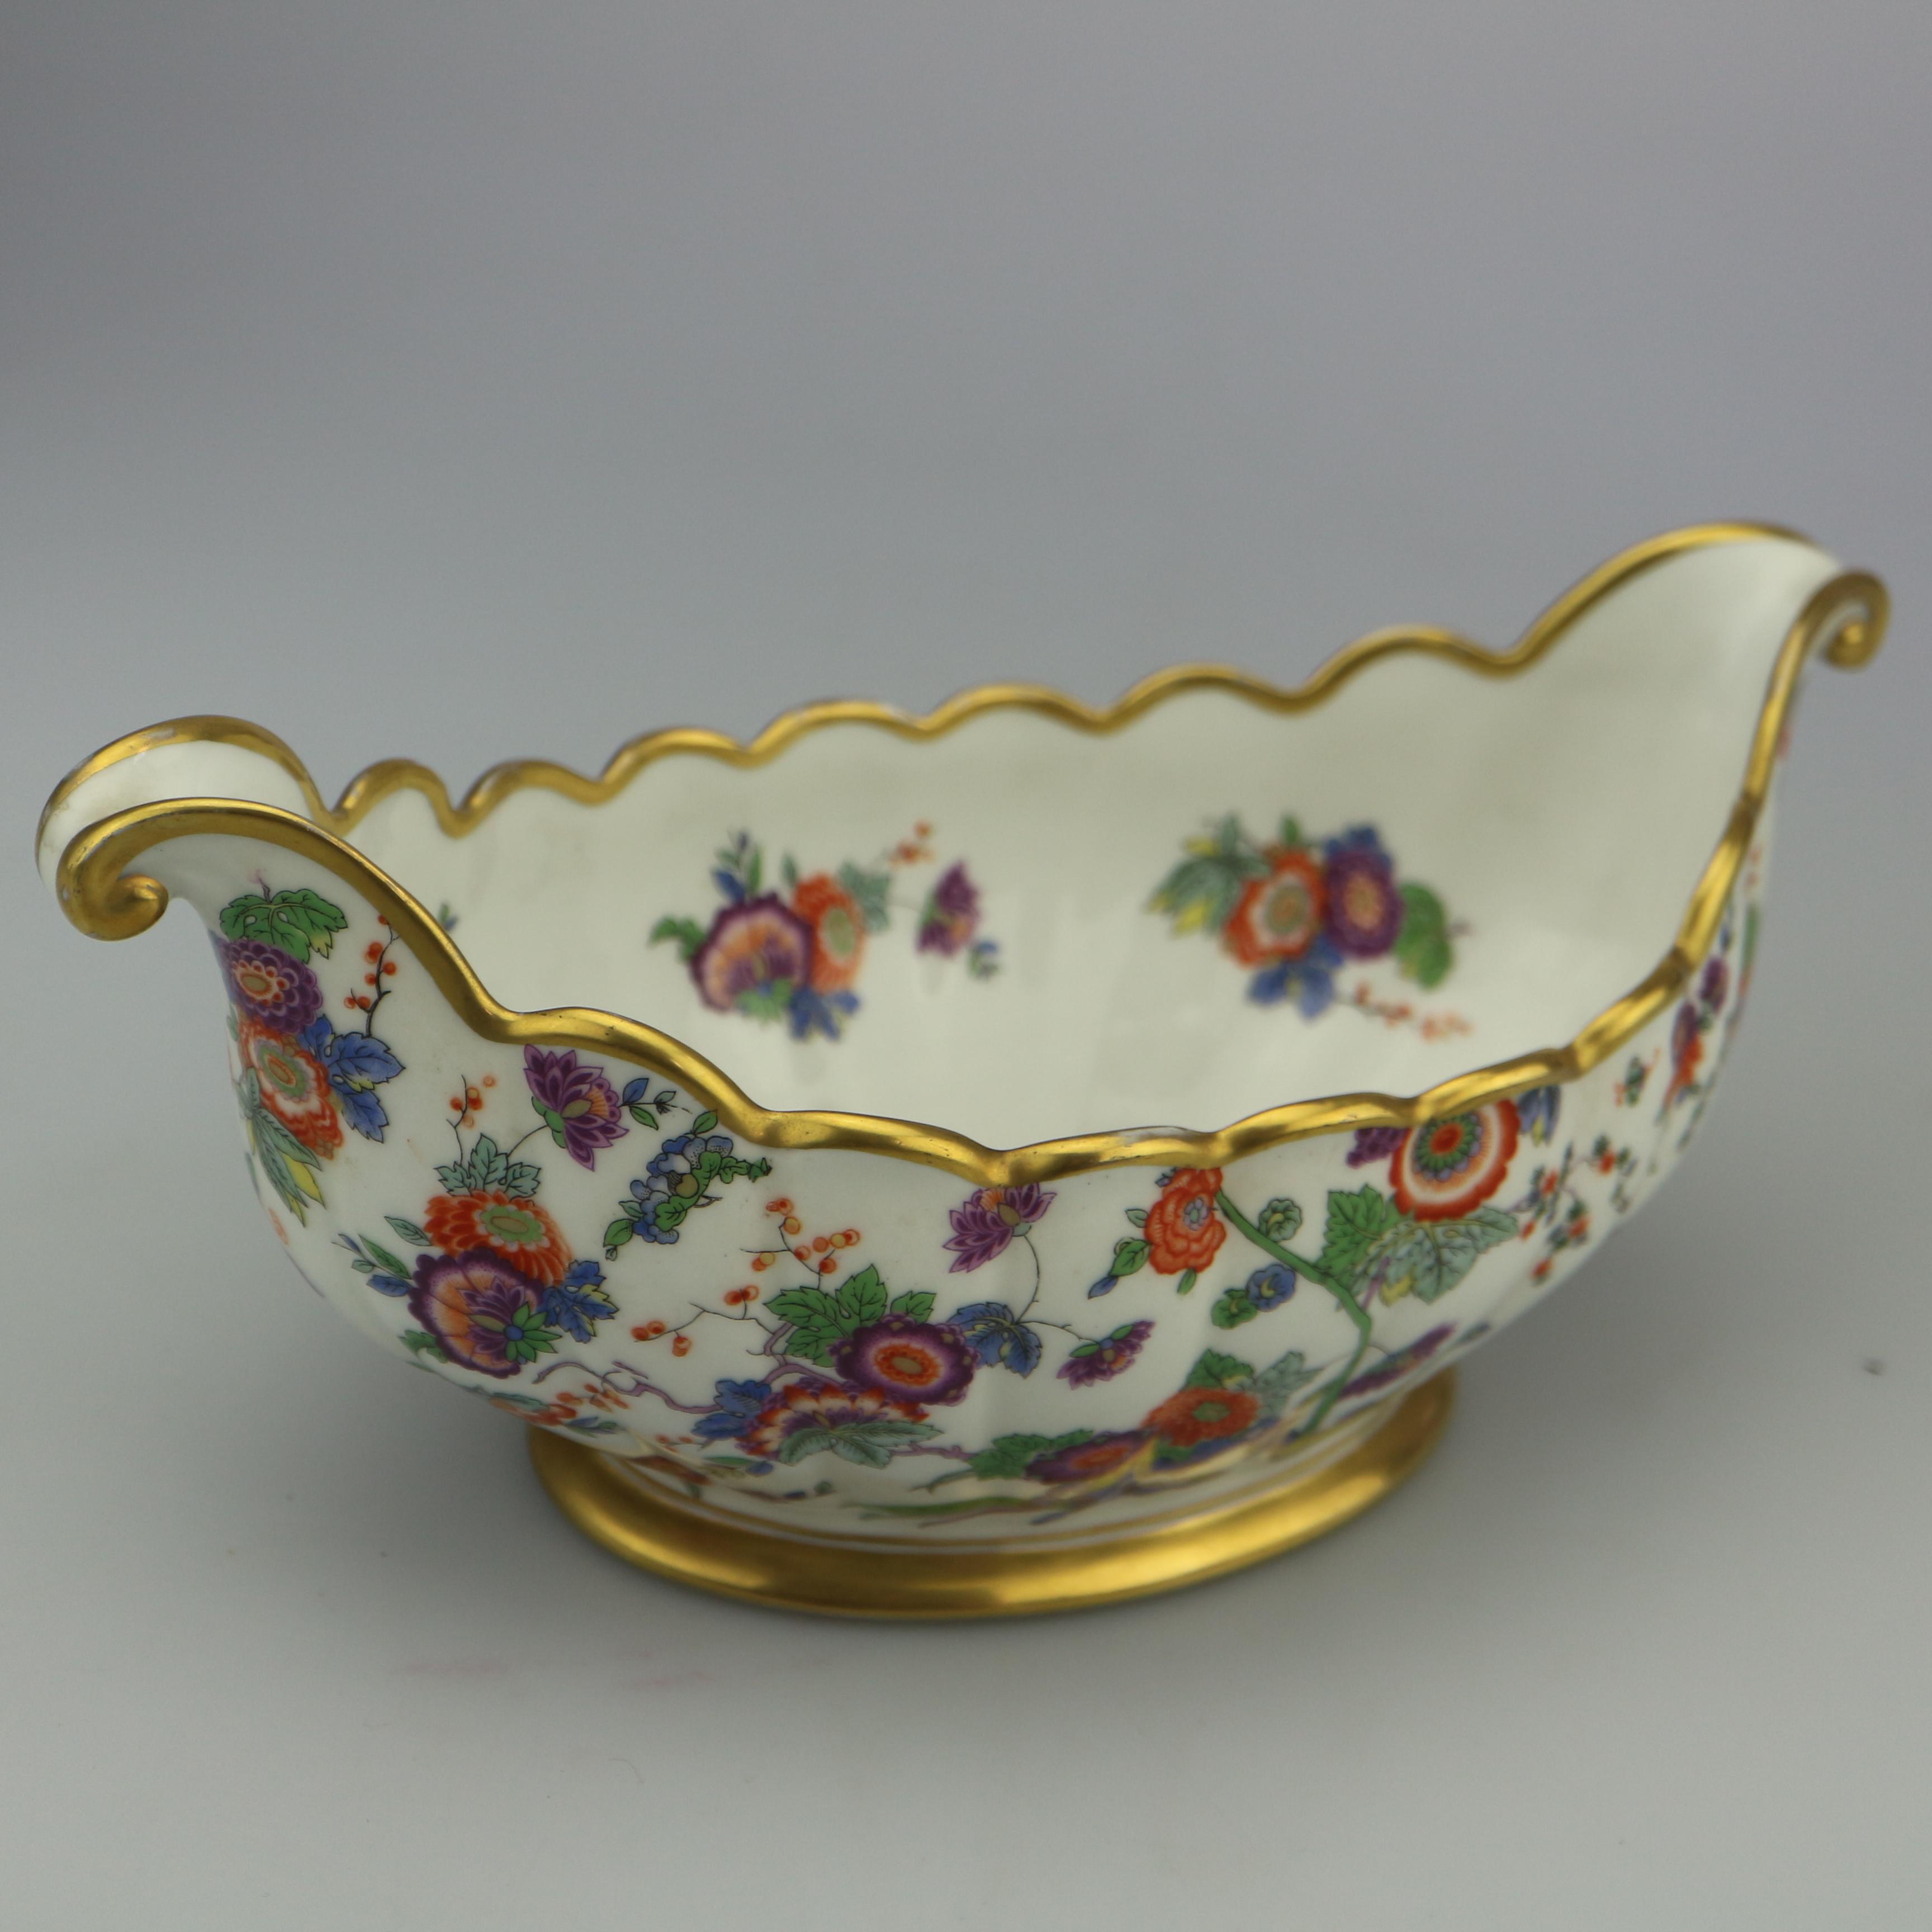 Thomas Bavaria Art Deco Prunkschale Ceramics Porcelain European Auctionet